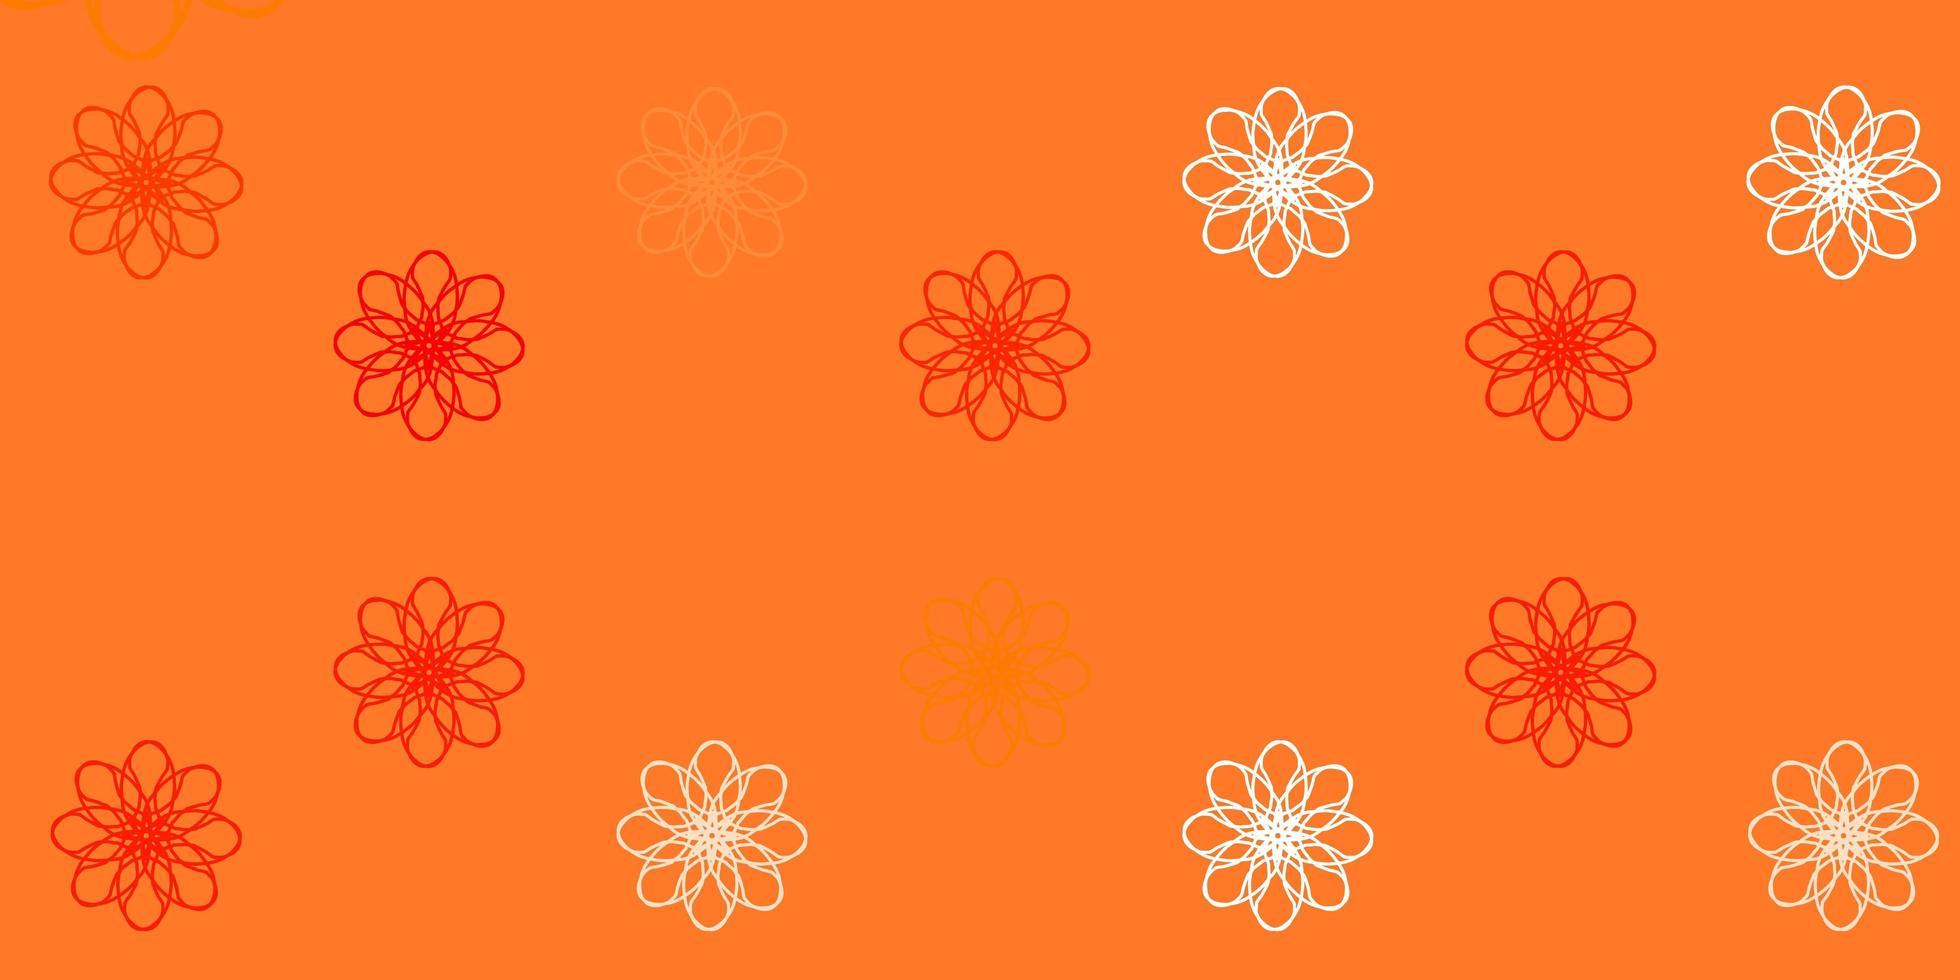 ljusröd vektorbakgrund med sneda linjer. vektor